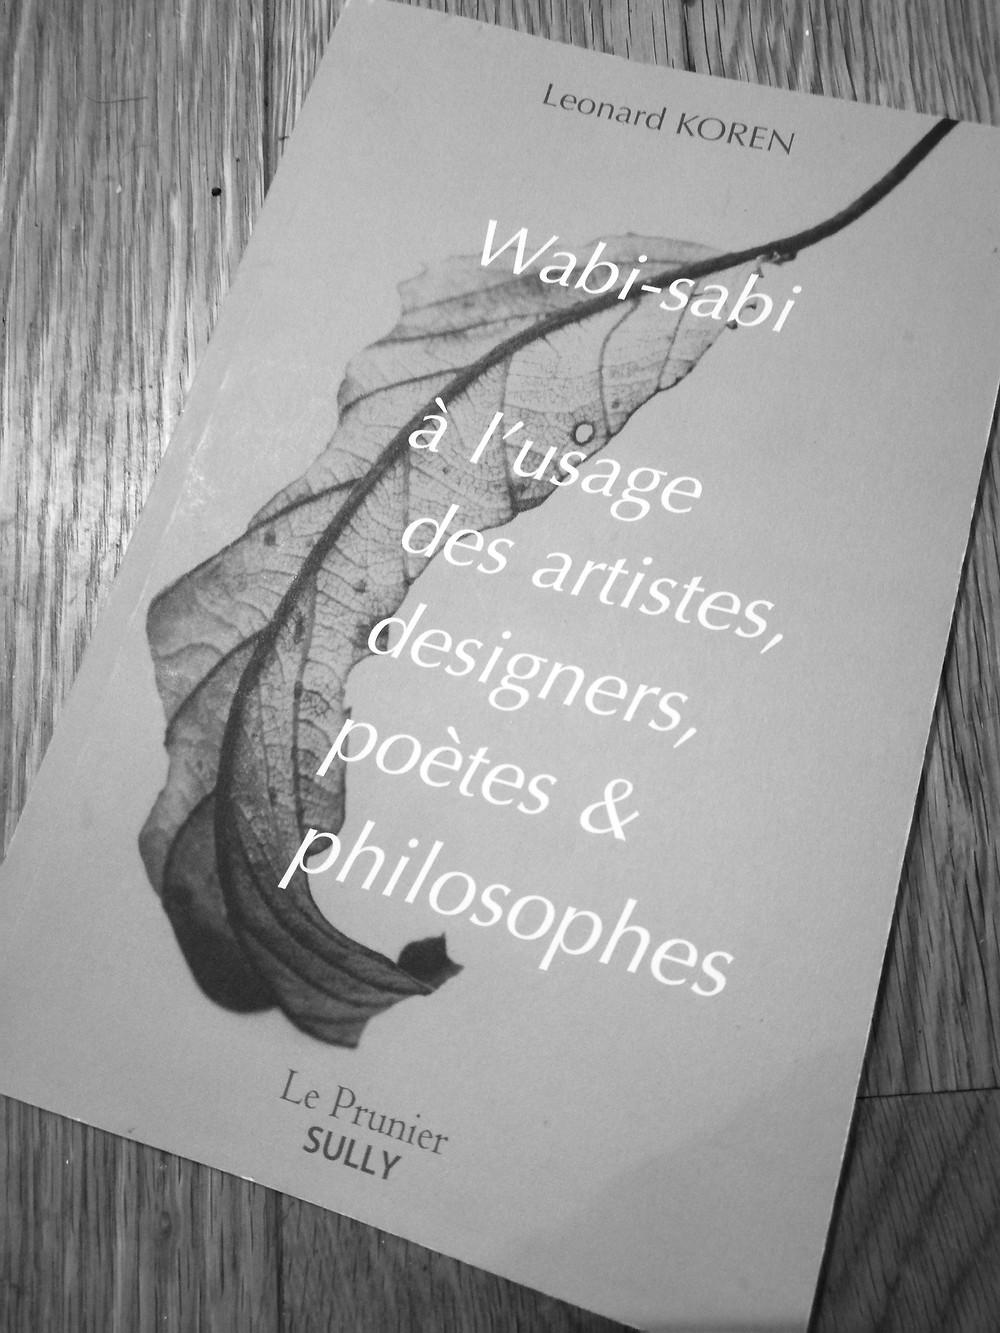 © LEONARD KOREN, Wabi-sabi à l'usage des artistes, designers, poètes et philosophes, Vannes, Editions Sully, 2015.